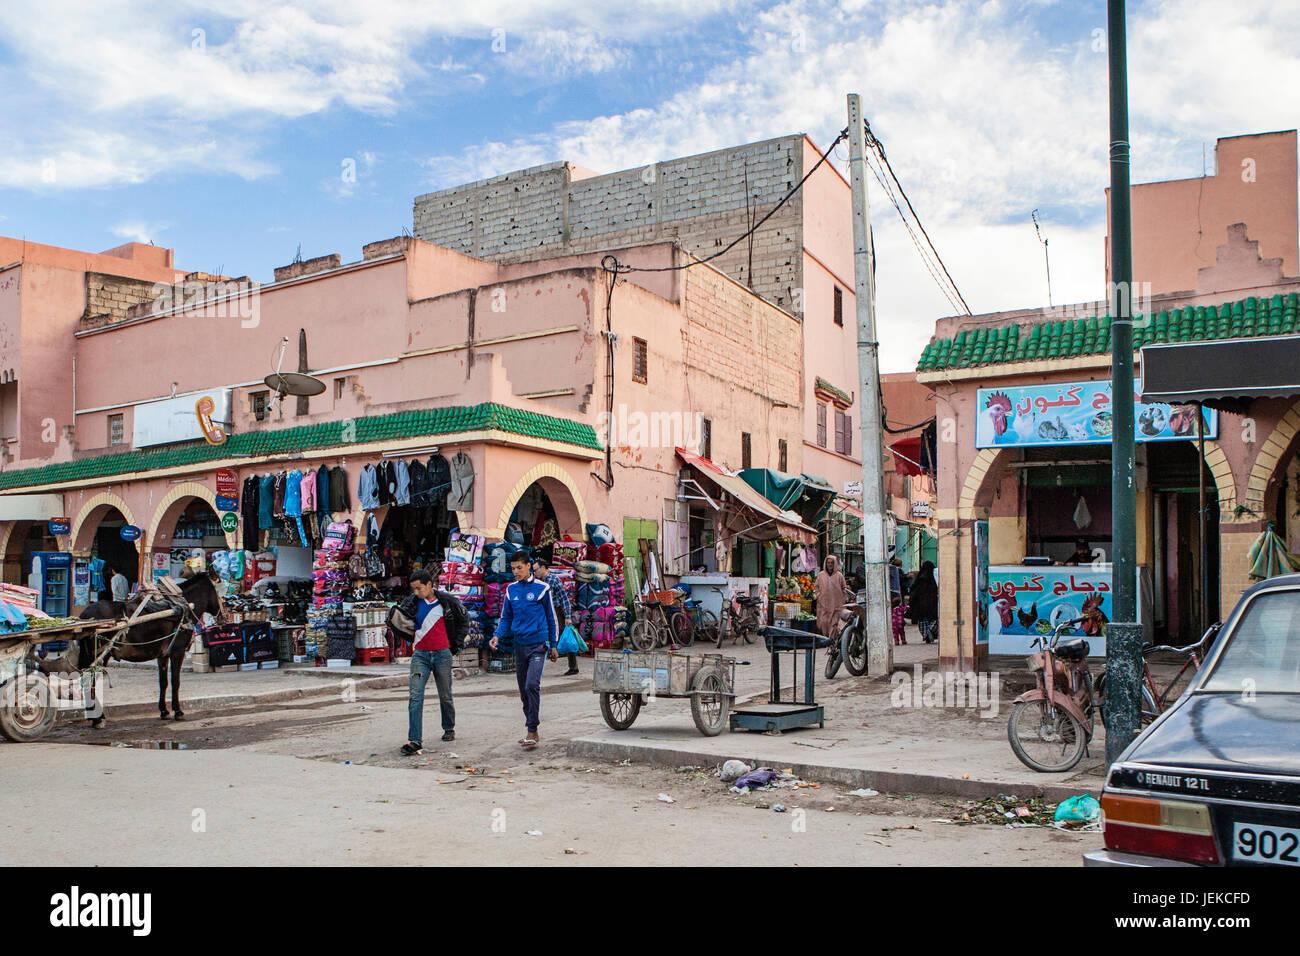 Piccole città in Marocco. Strade di negozi e vita quotidiana. Immagini Stock